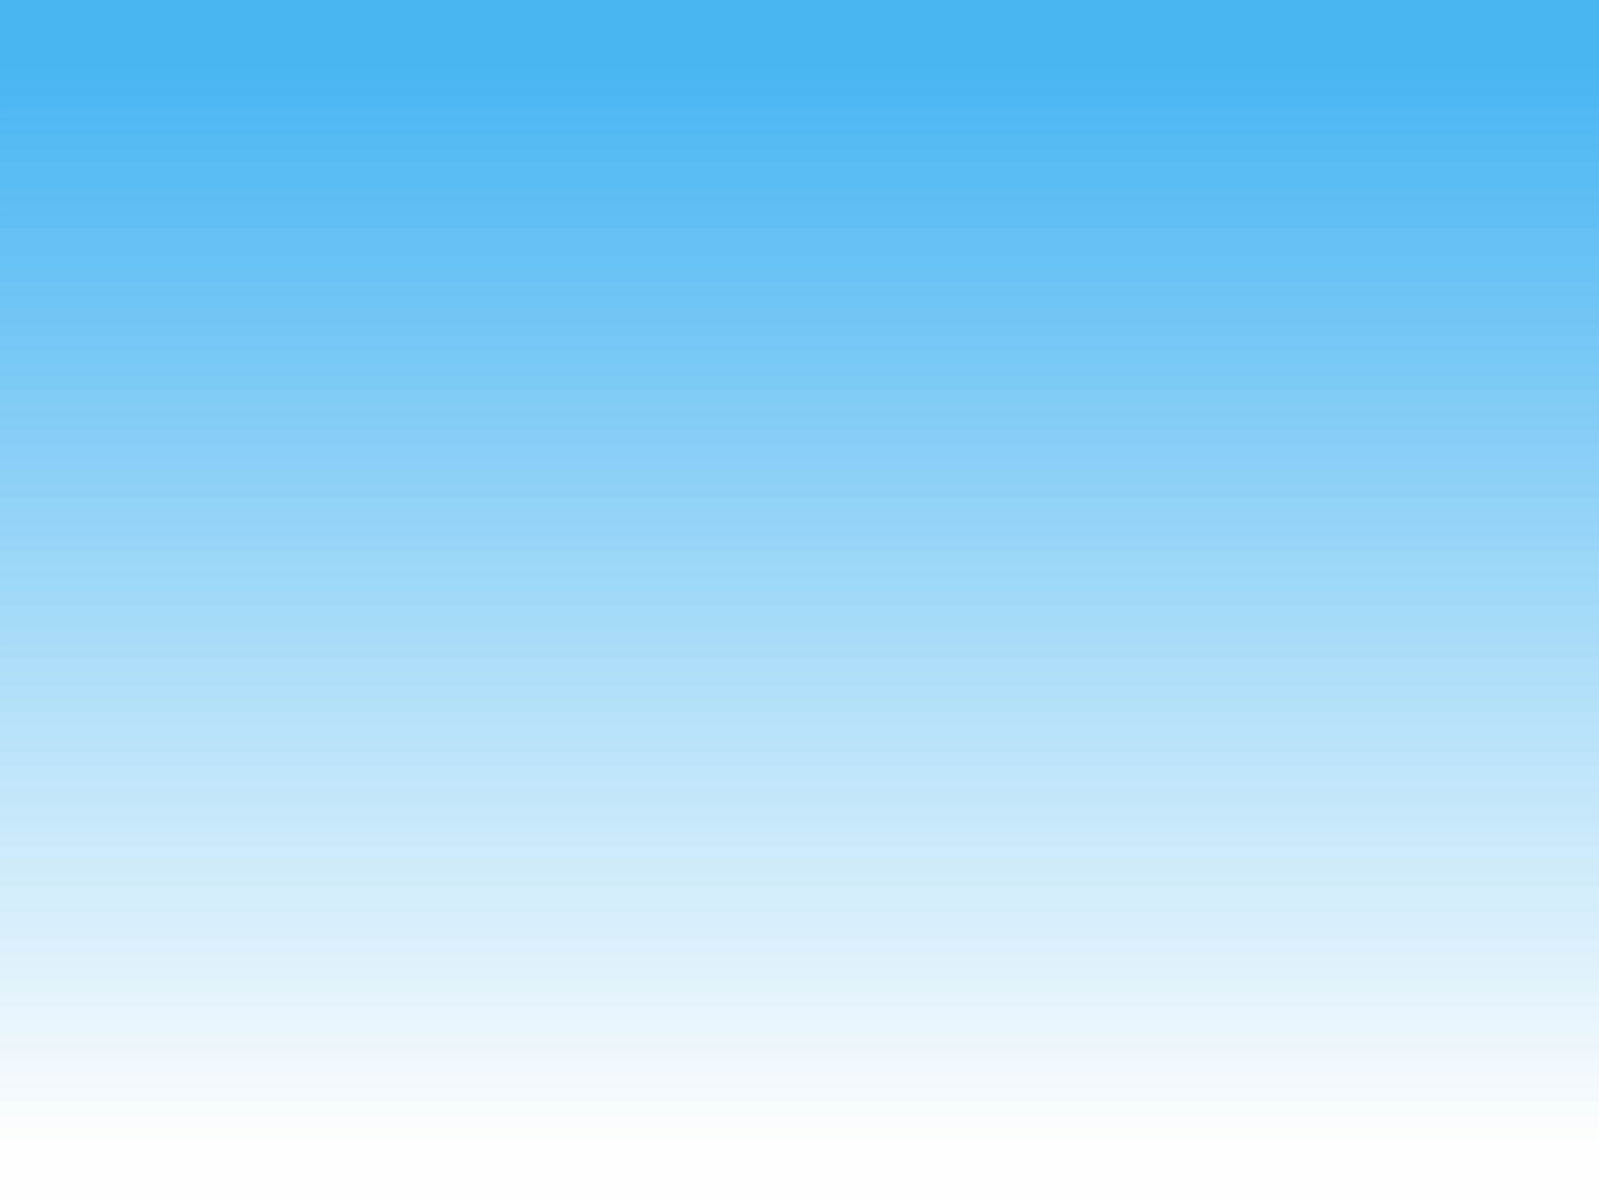 Hình nền powerpoint xanh dương cực đẹp